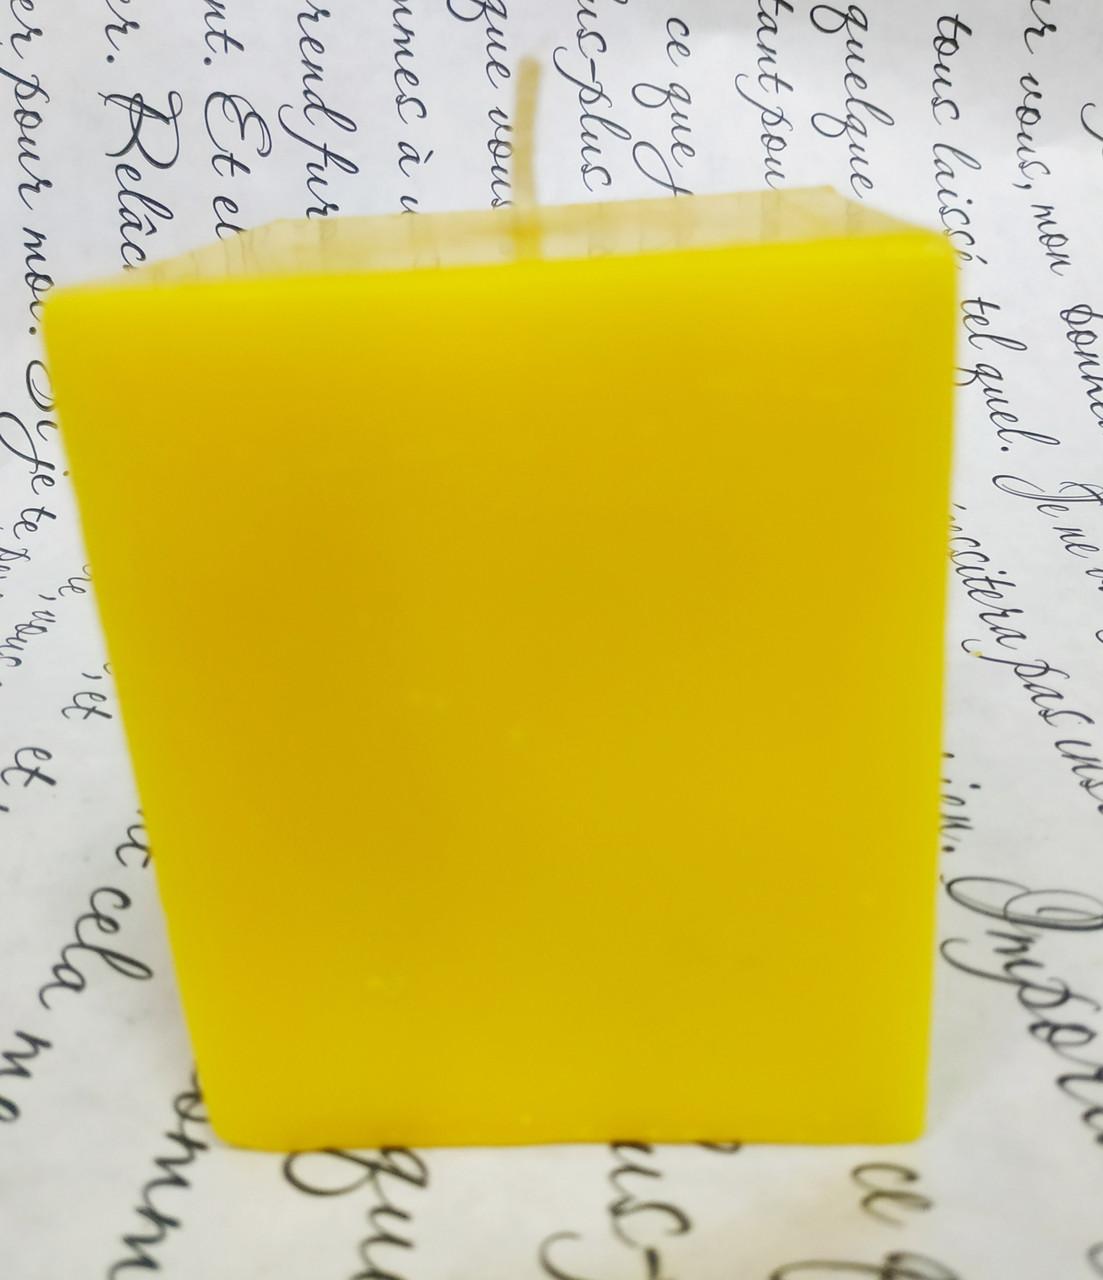 СВЕЧА куб жёлтая 5см*5см. Высота 6см